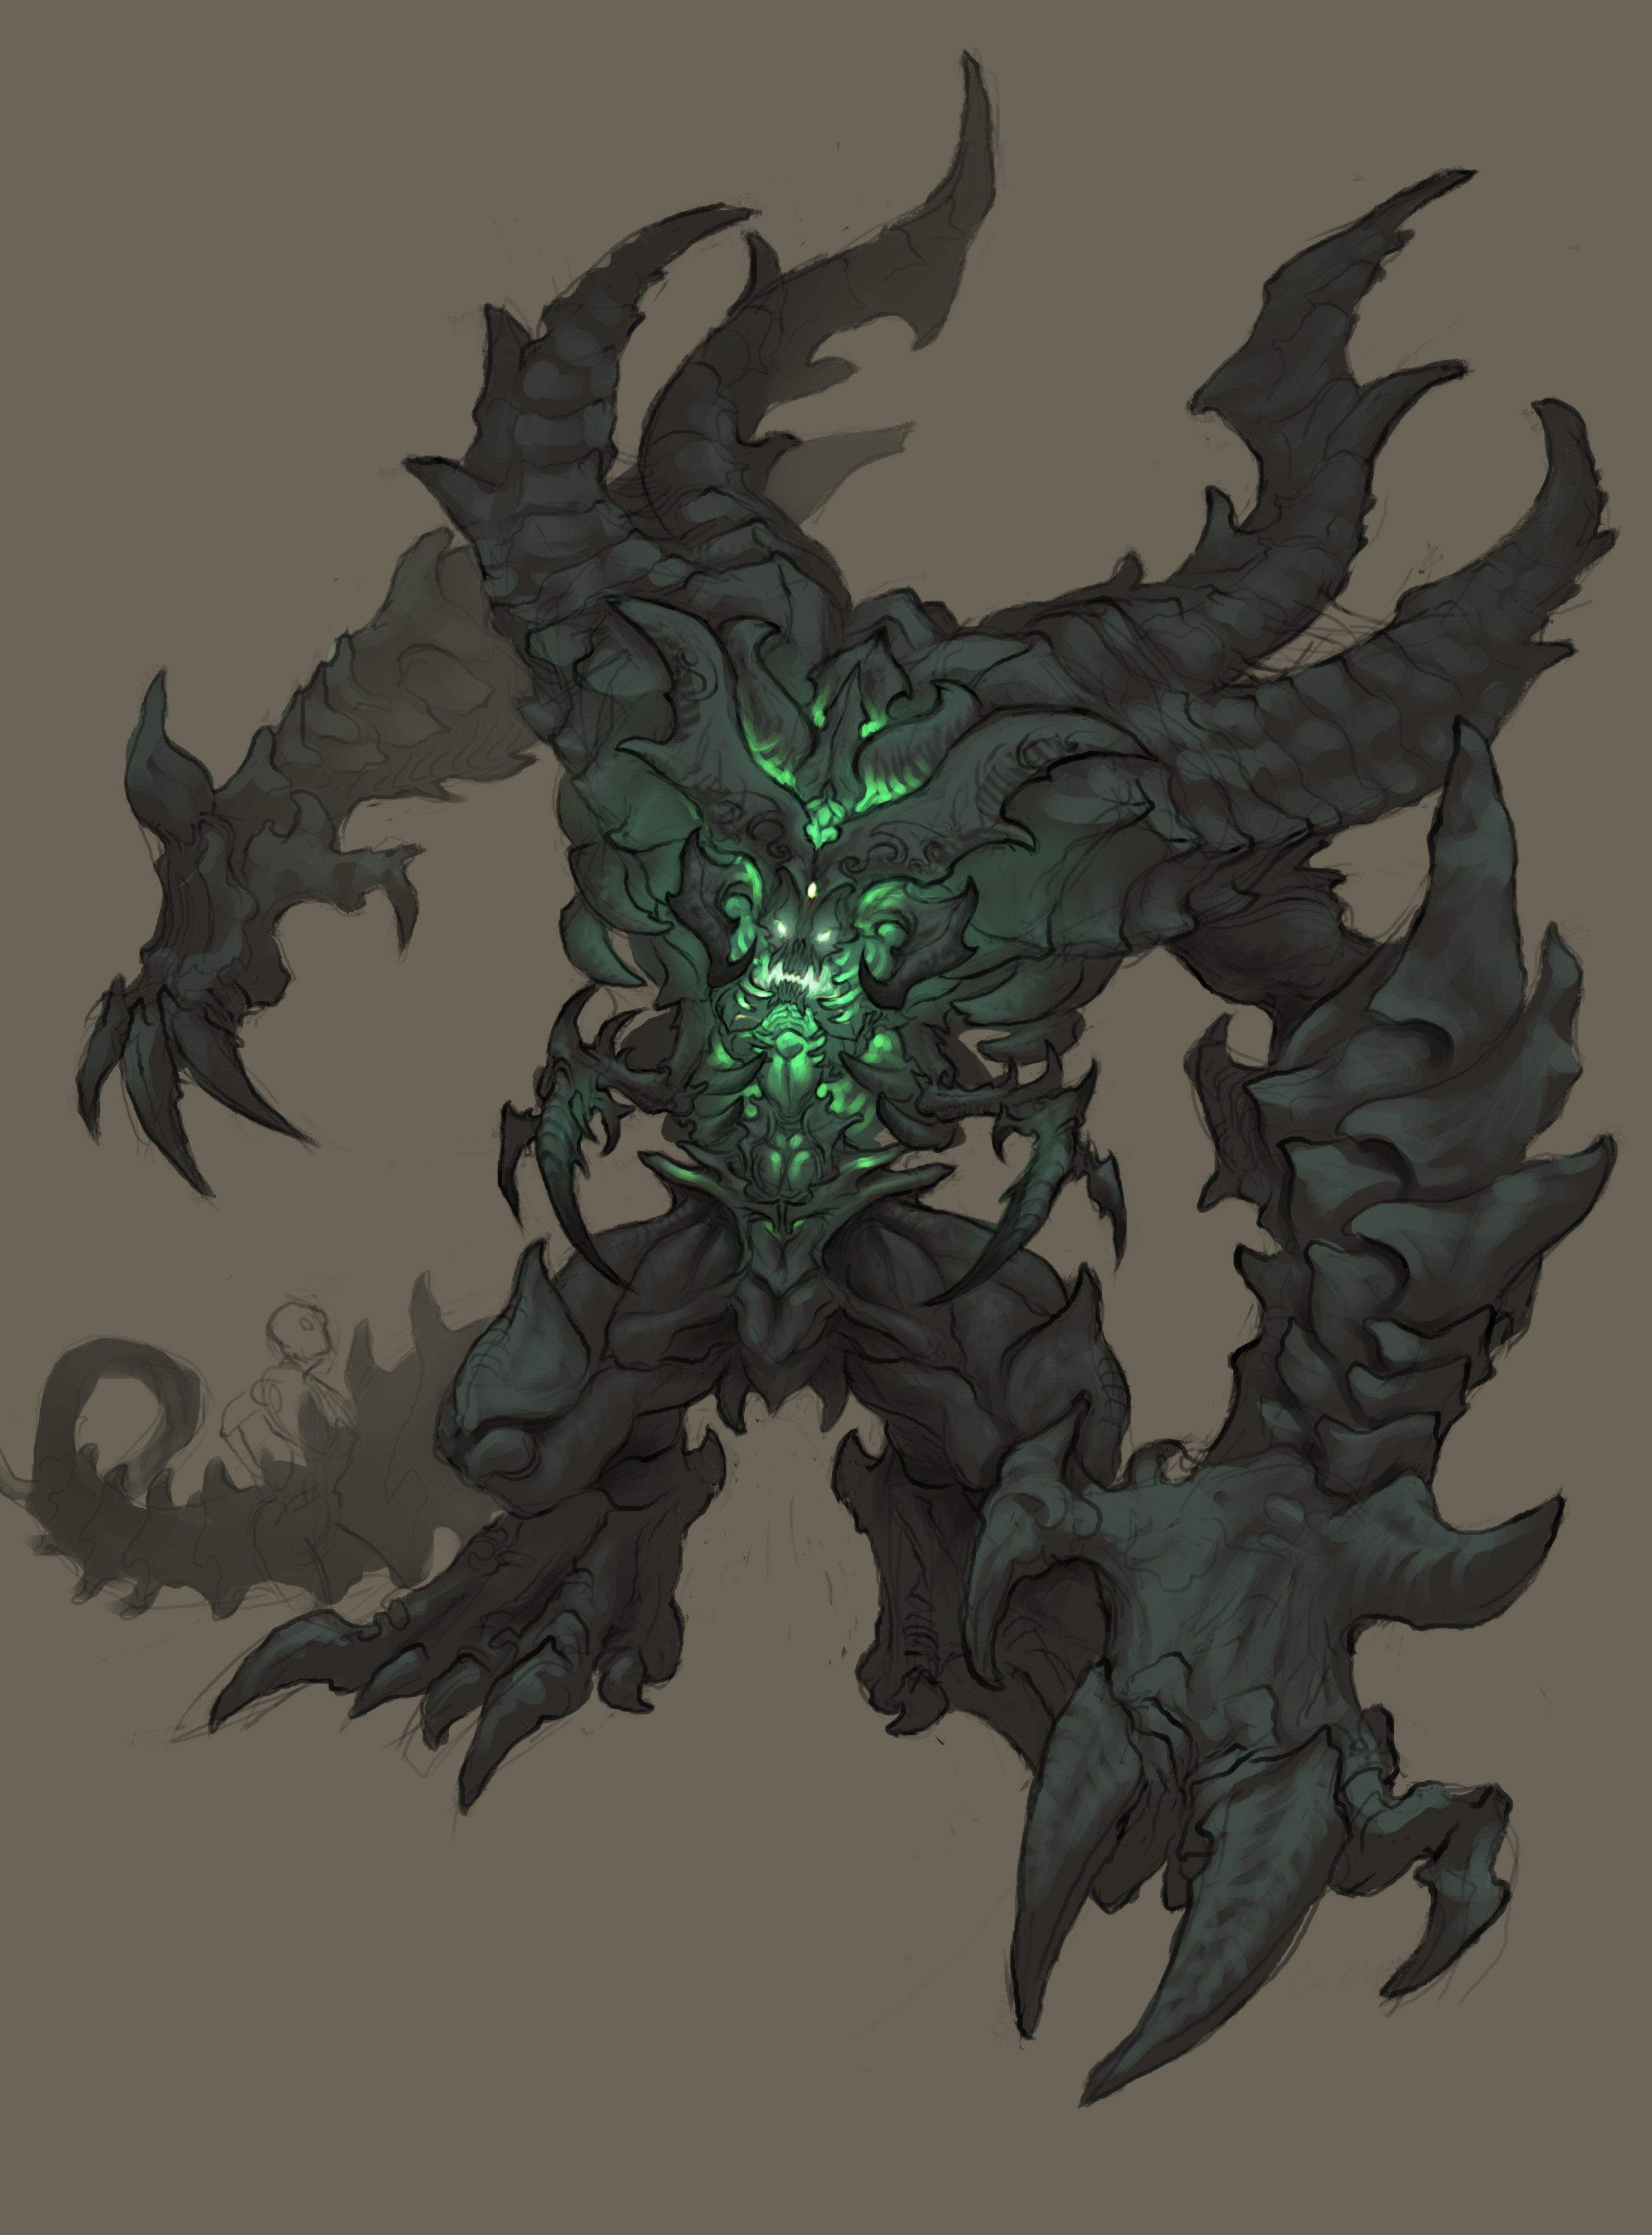 Эксклюзивный арт Diablo III - Изображение 16